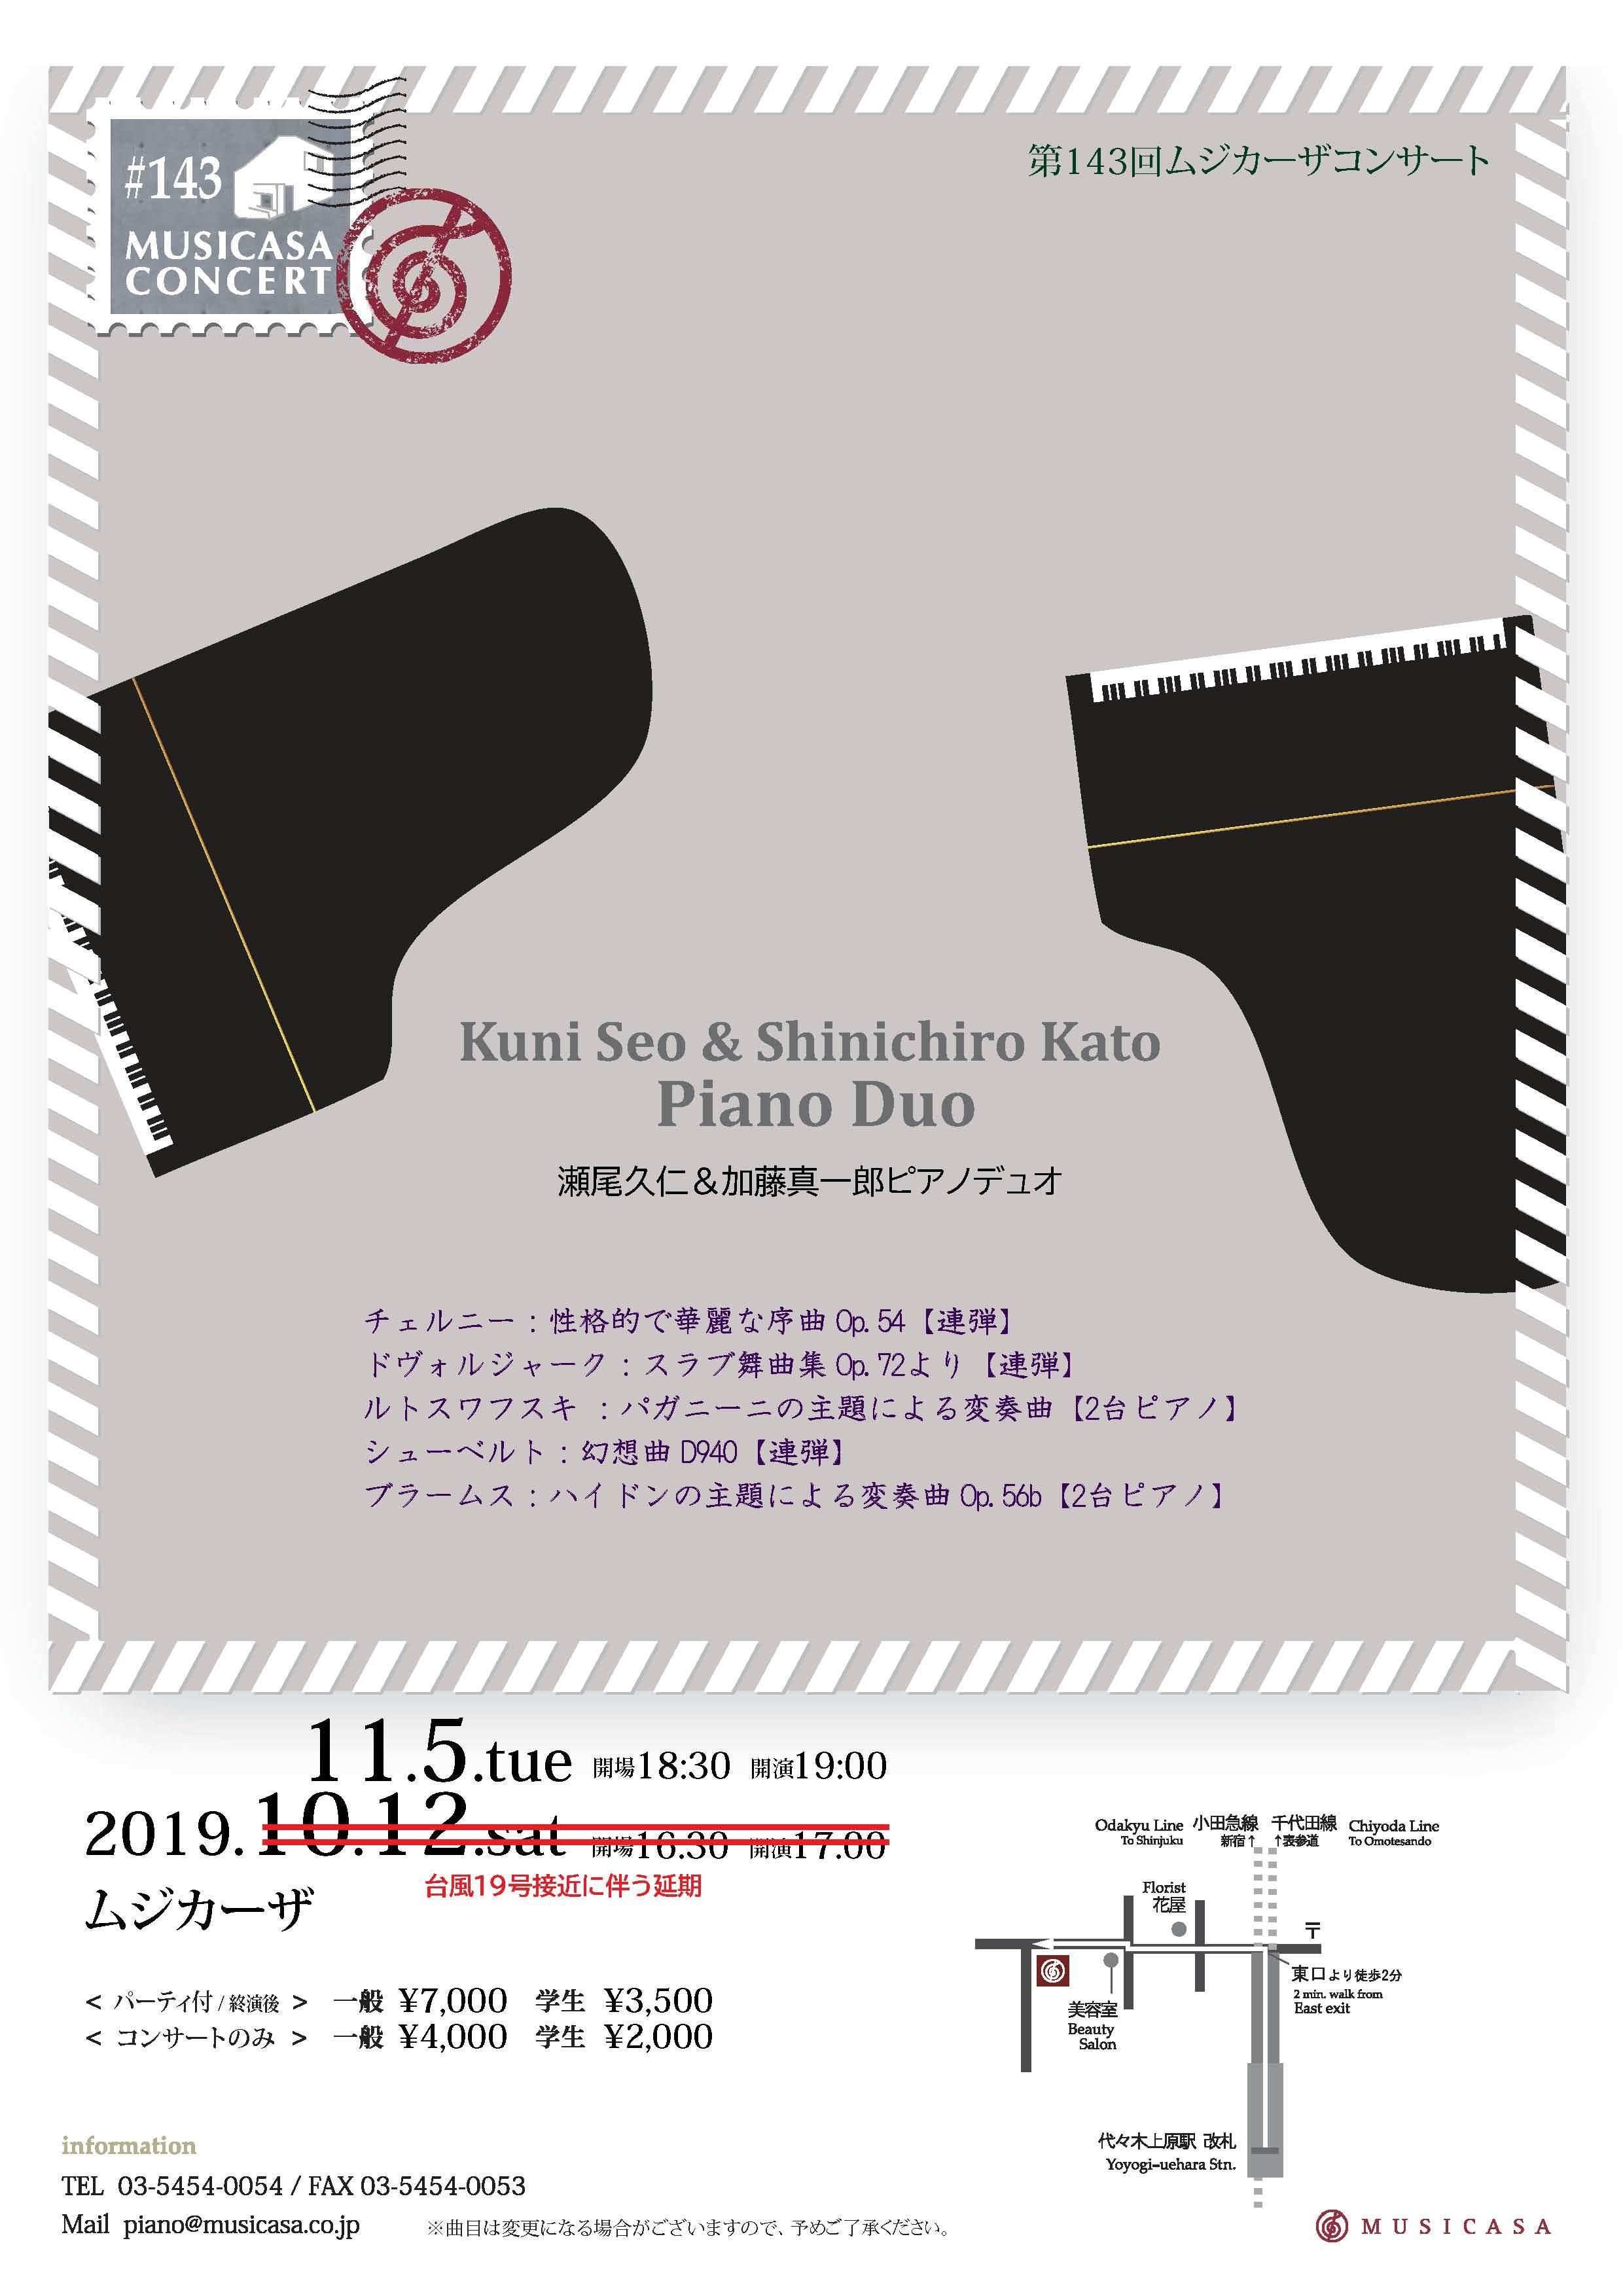 11月5日(火)・ムジカーザコンサート_b0044706_22403545.jpg